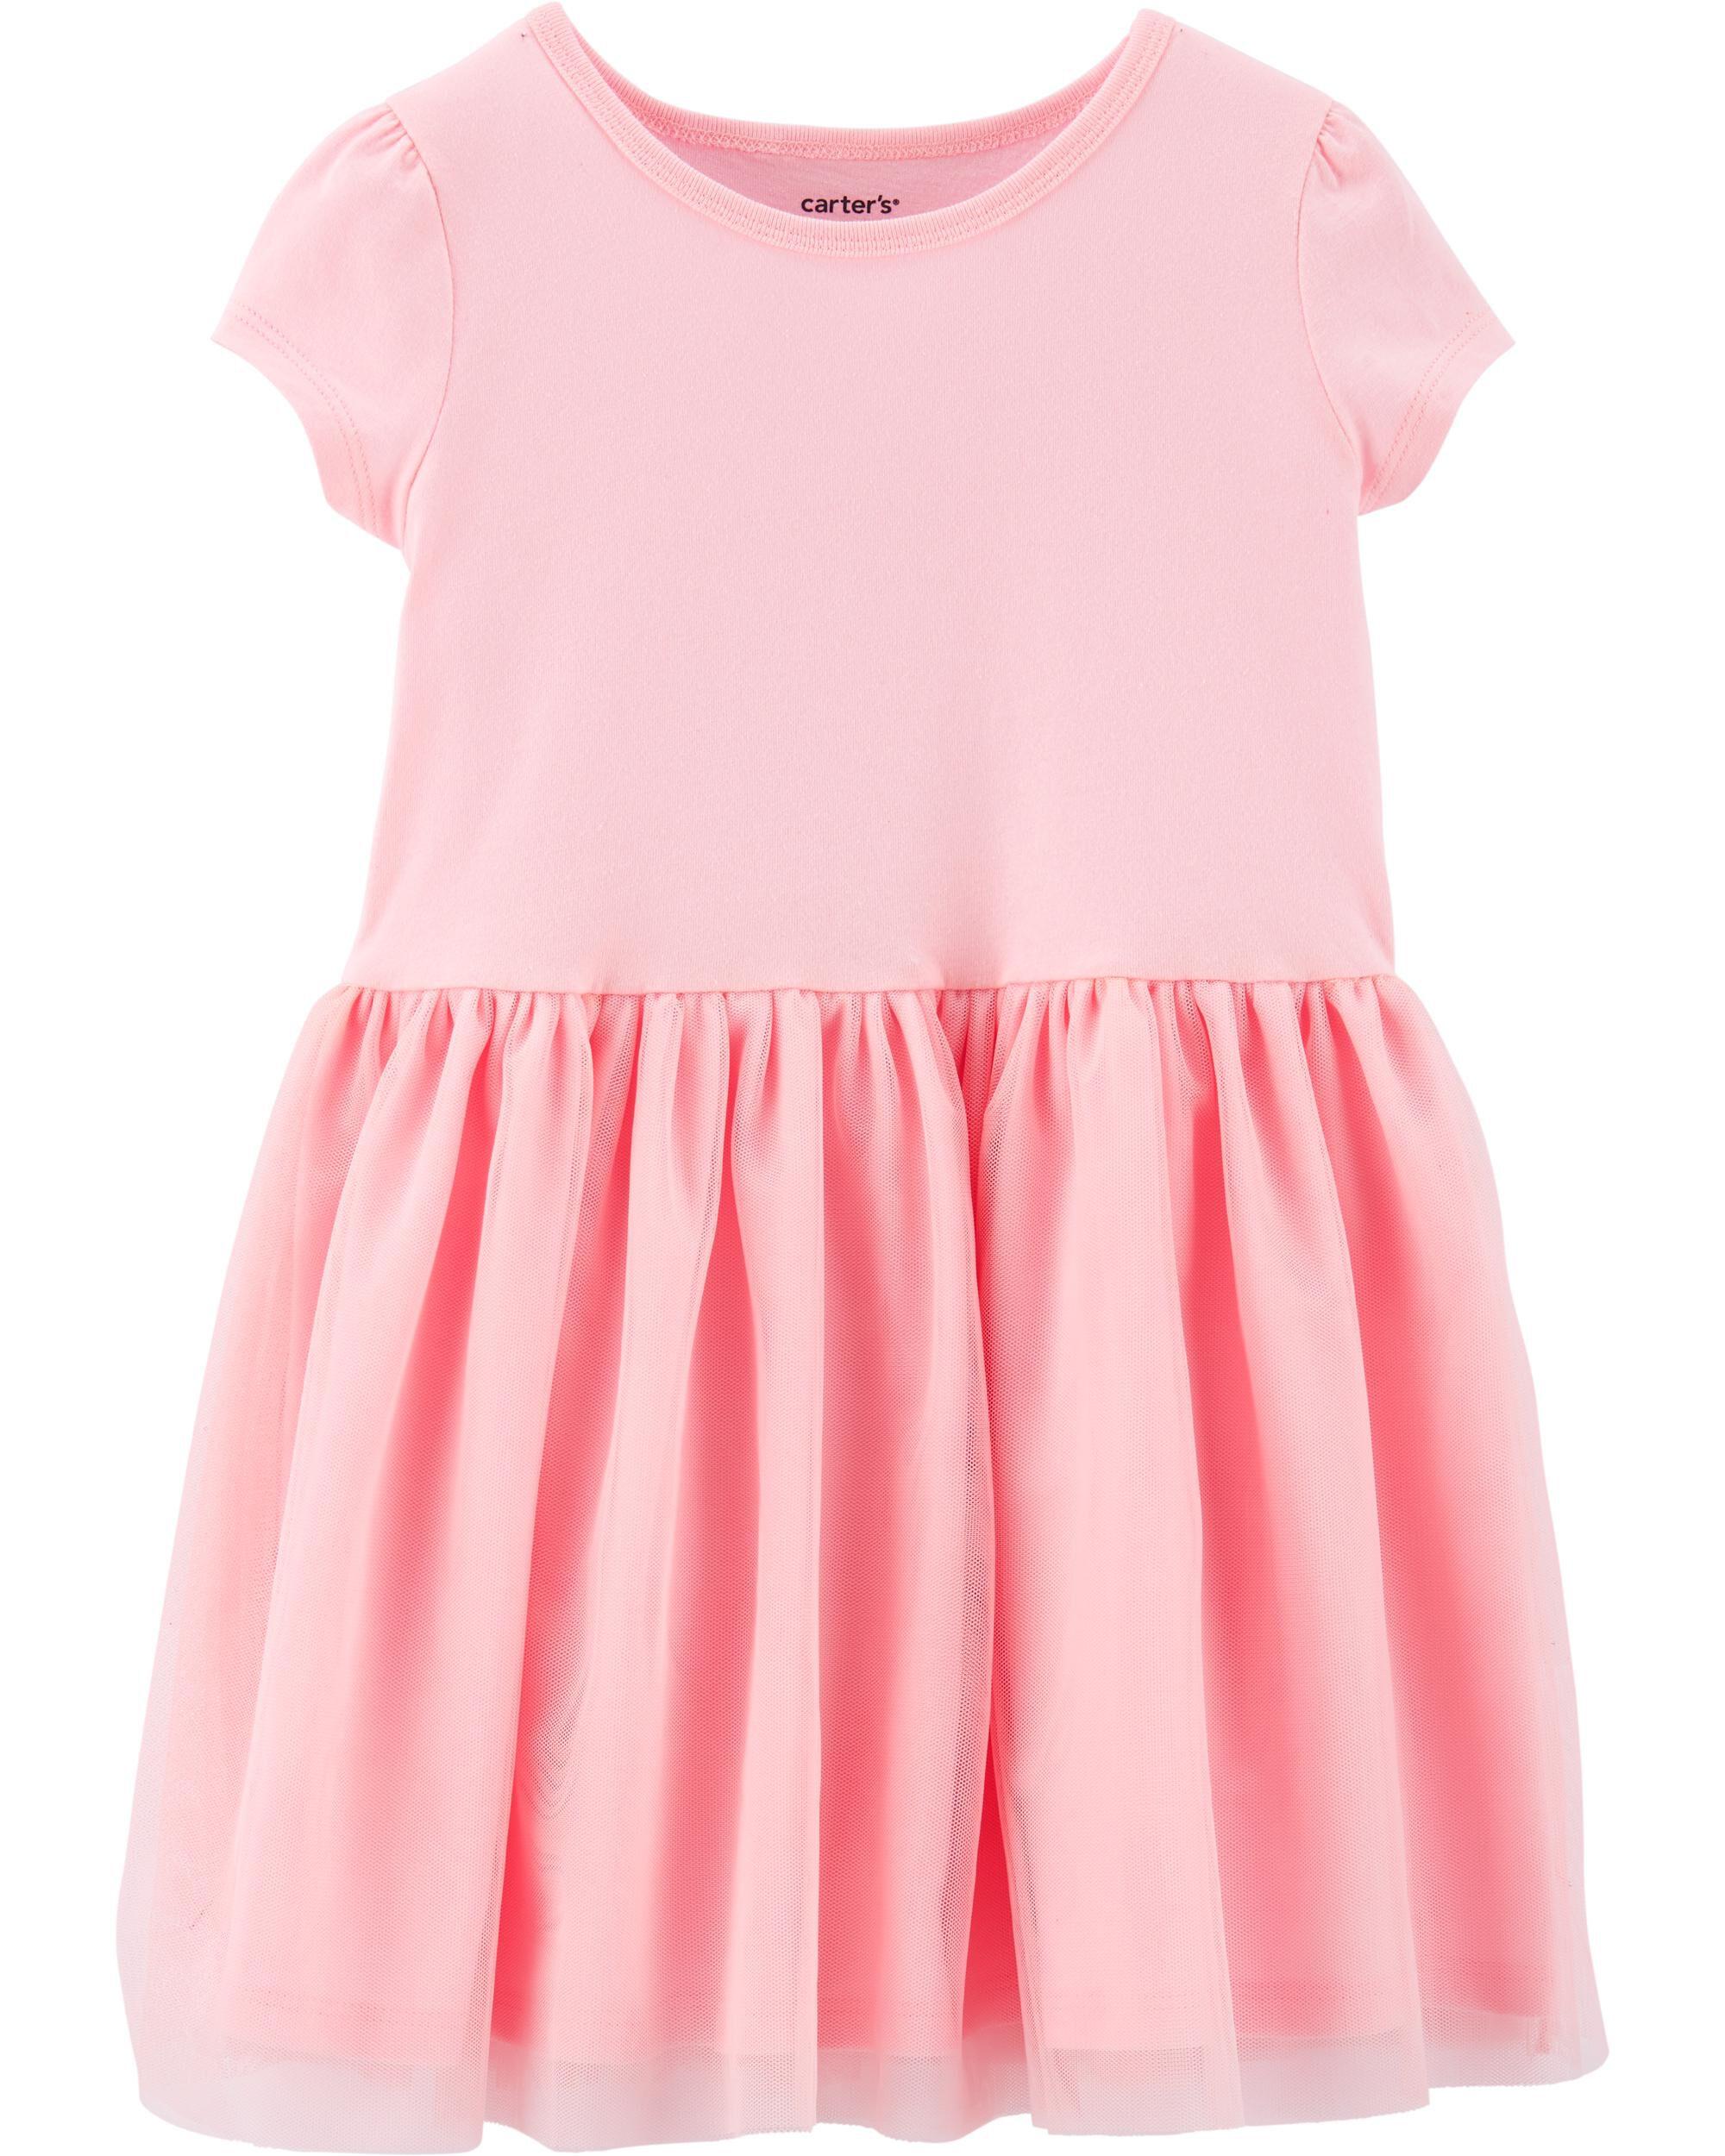 Carters Tutu Jersey Dress